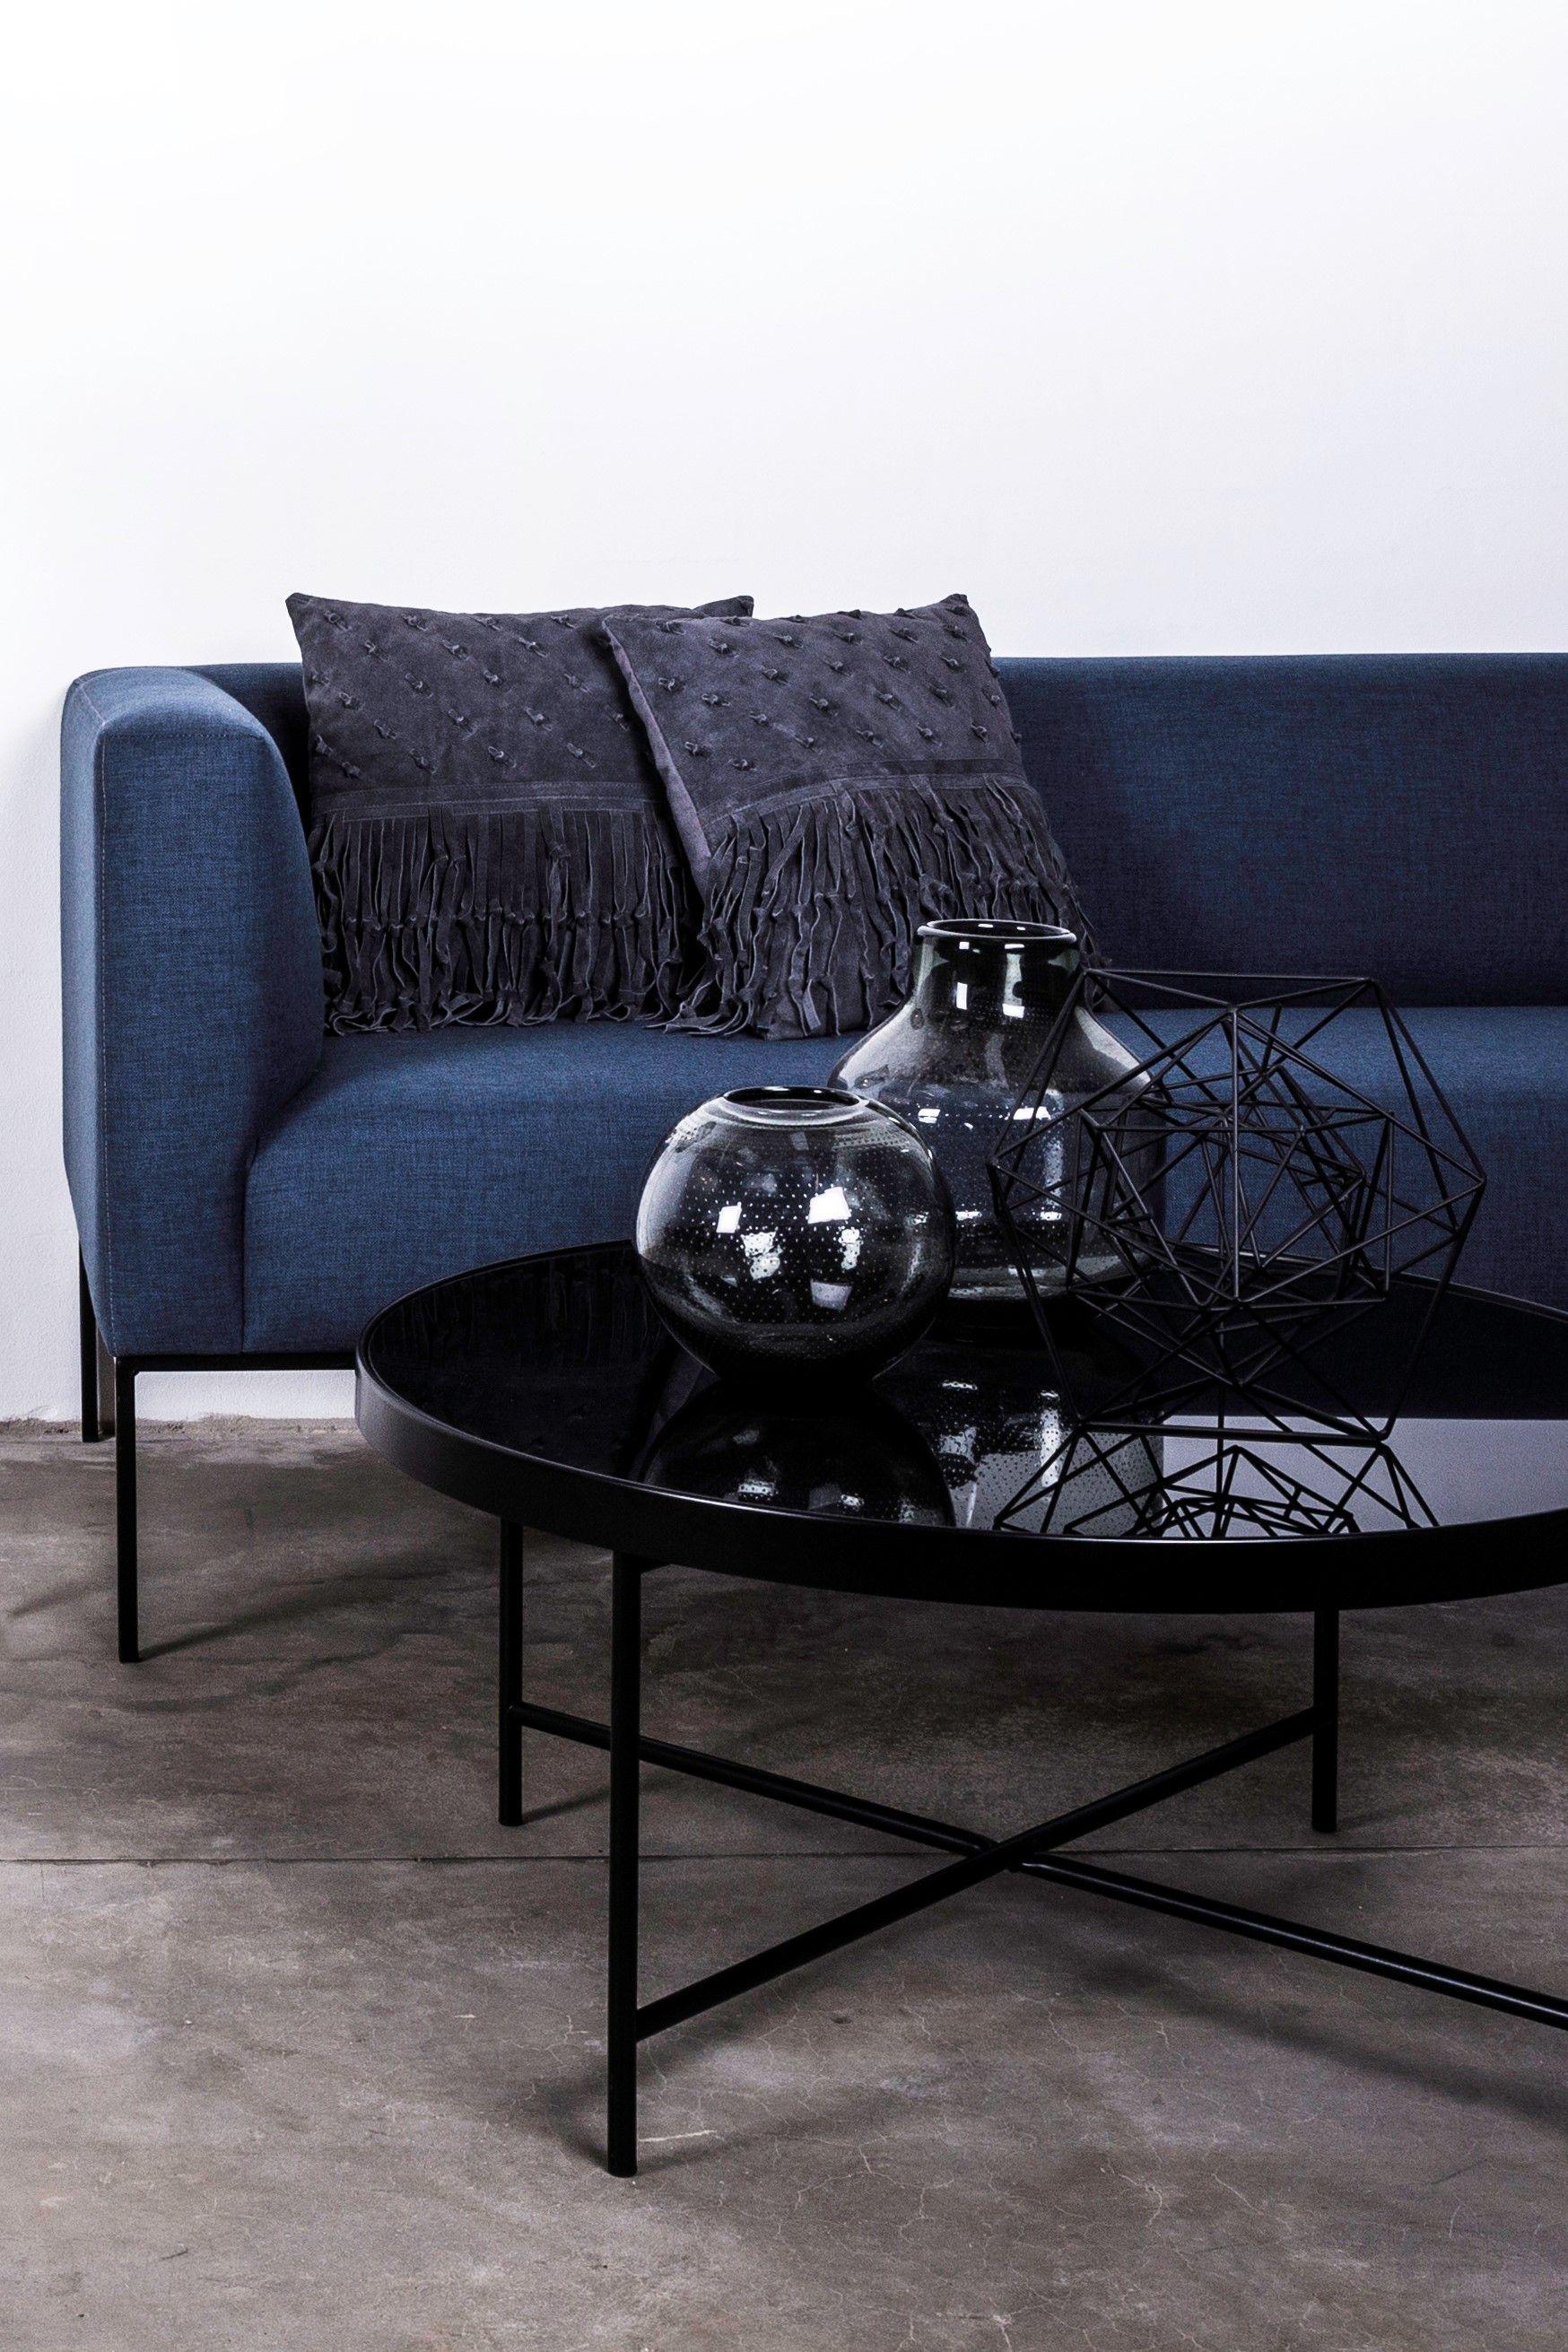 Schwarzer Hochglanz Sofatisch Beistelltisch Couchtisch Und Blaue Couch Couchtisch Sofa Tisch Couchtisch Schwarz